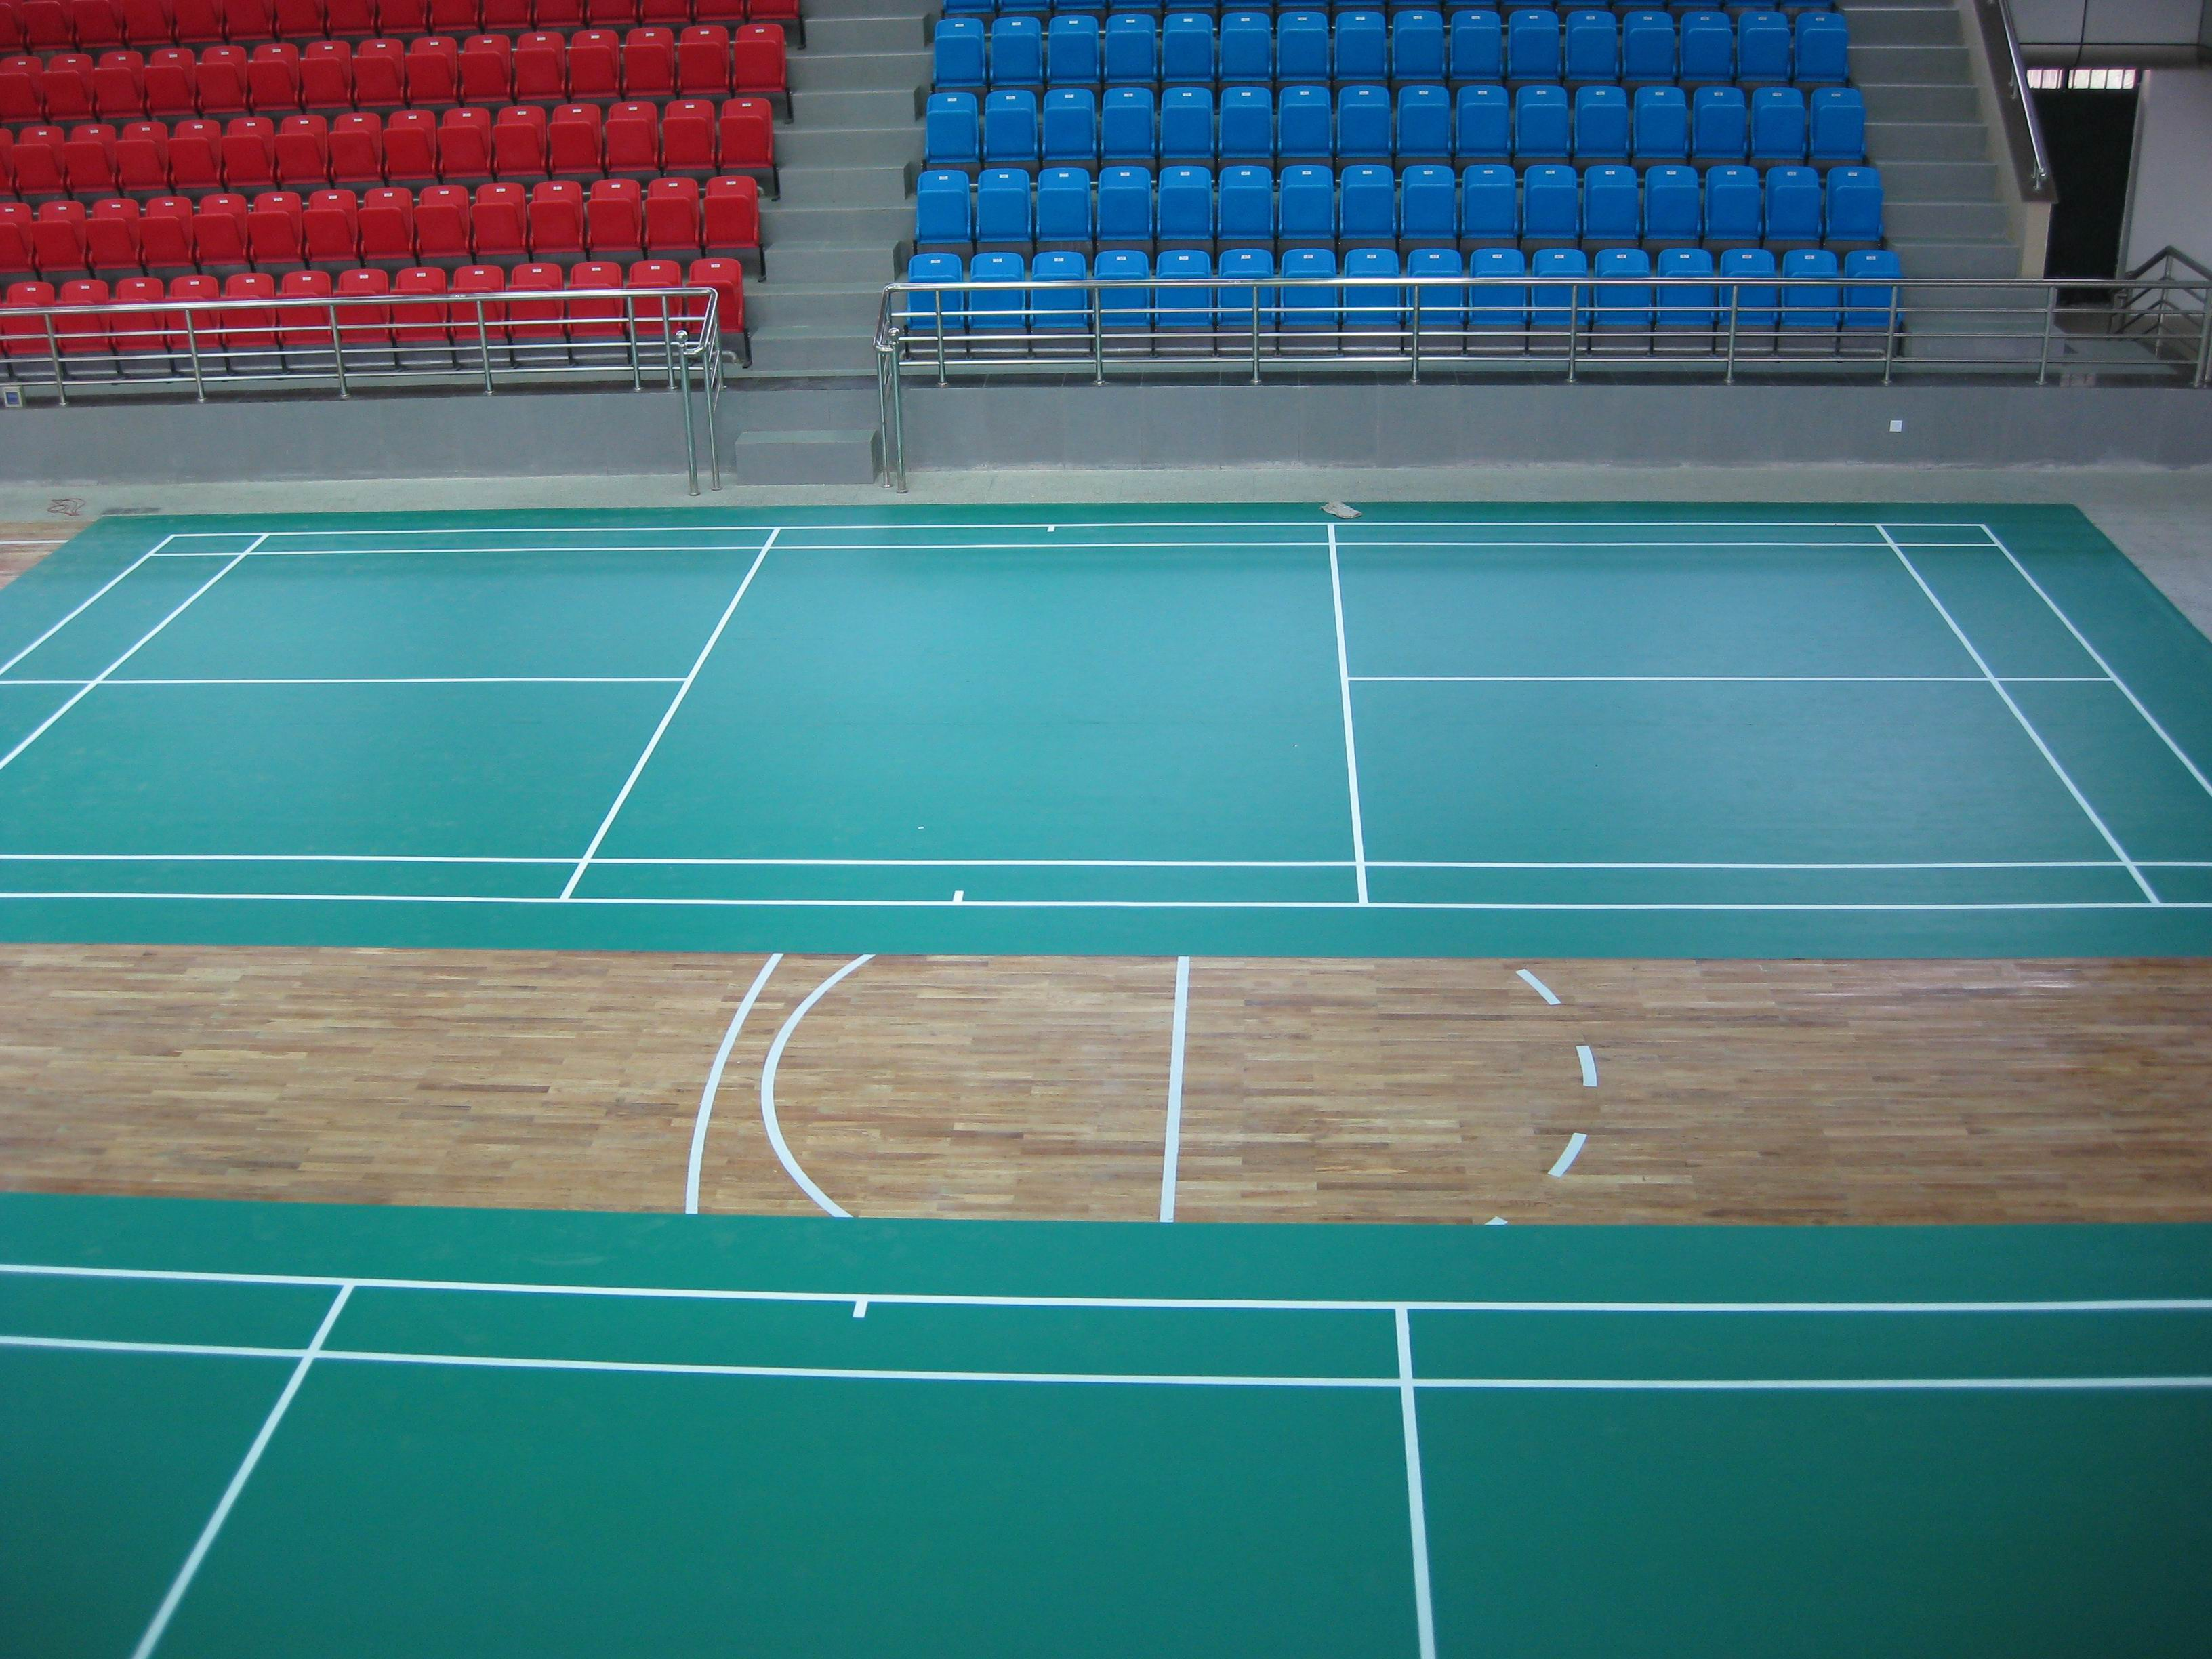 最耐用地板-青岛健身房地板-塑胶地板